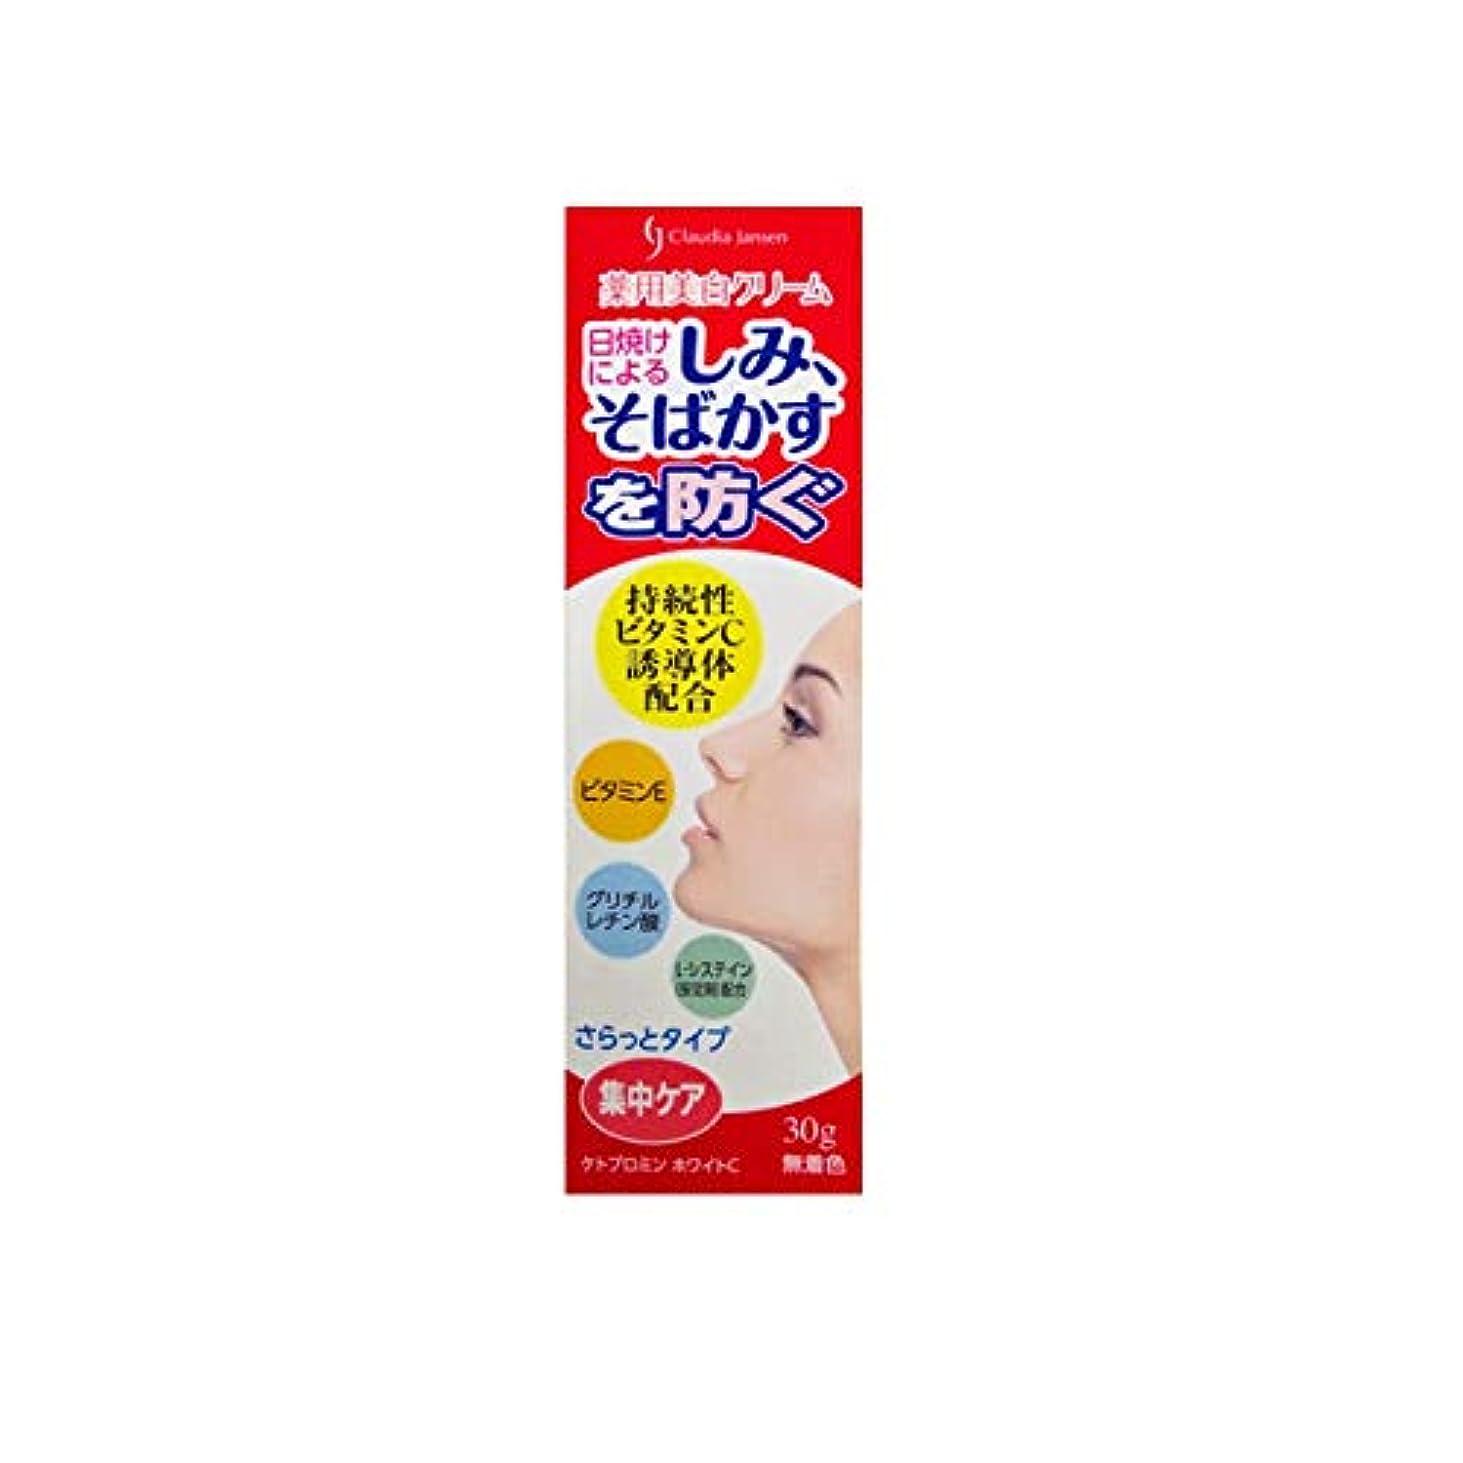 聴覚第九スノーケル三友薬品 医薬部外品 薬用ホワイトニングクリームC 30g